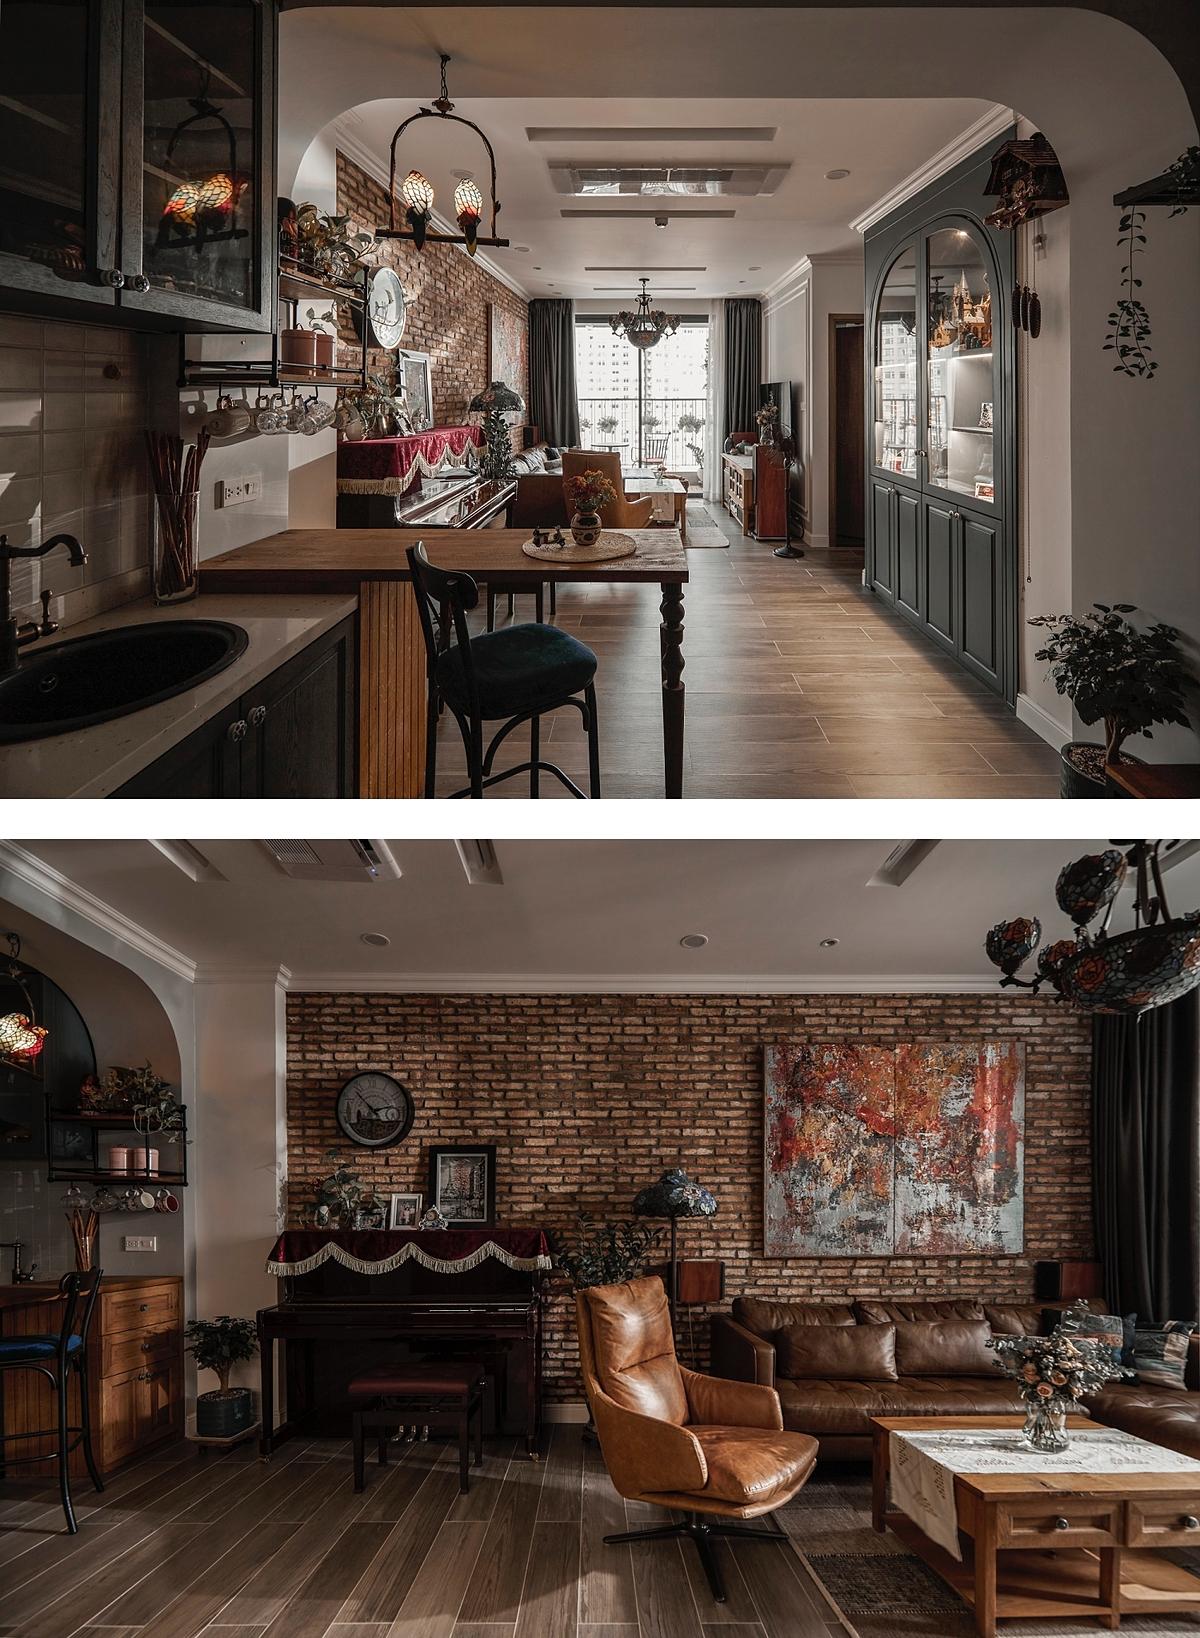 Không gian phòng khách đầy những chi tiết gợi nhớ phong cách đồng quê Canada như tường gạch, ghế da, nội thất gỗ. Ảnh: Sputnik.